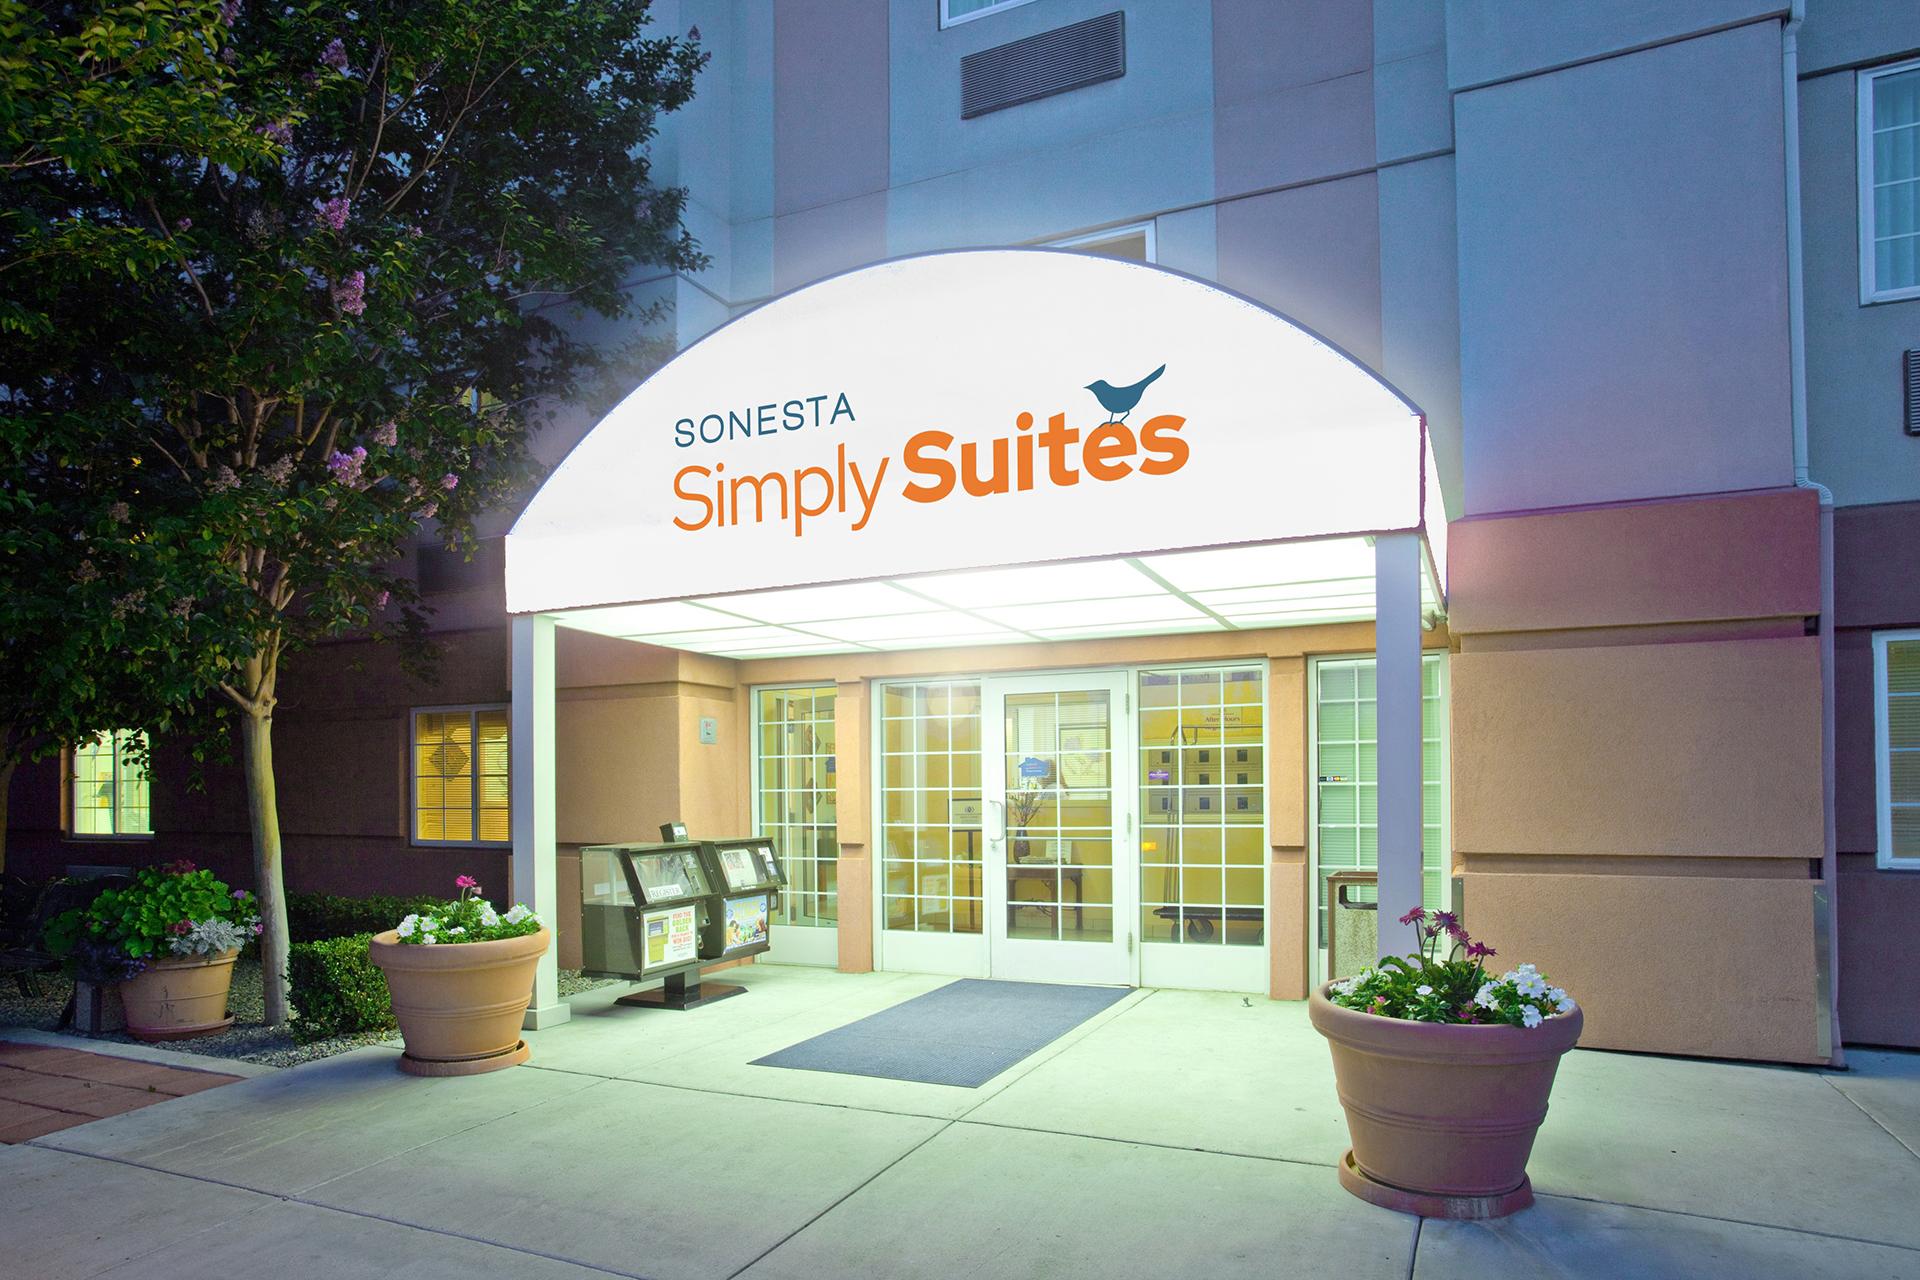 Sonesta Simply Suites Anaheim